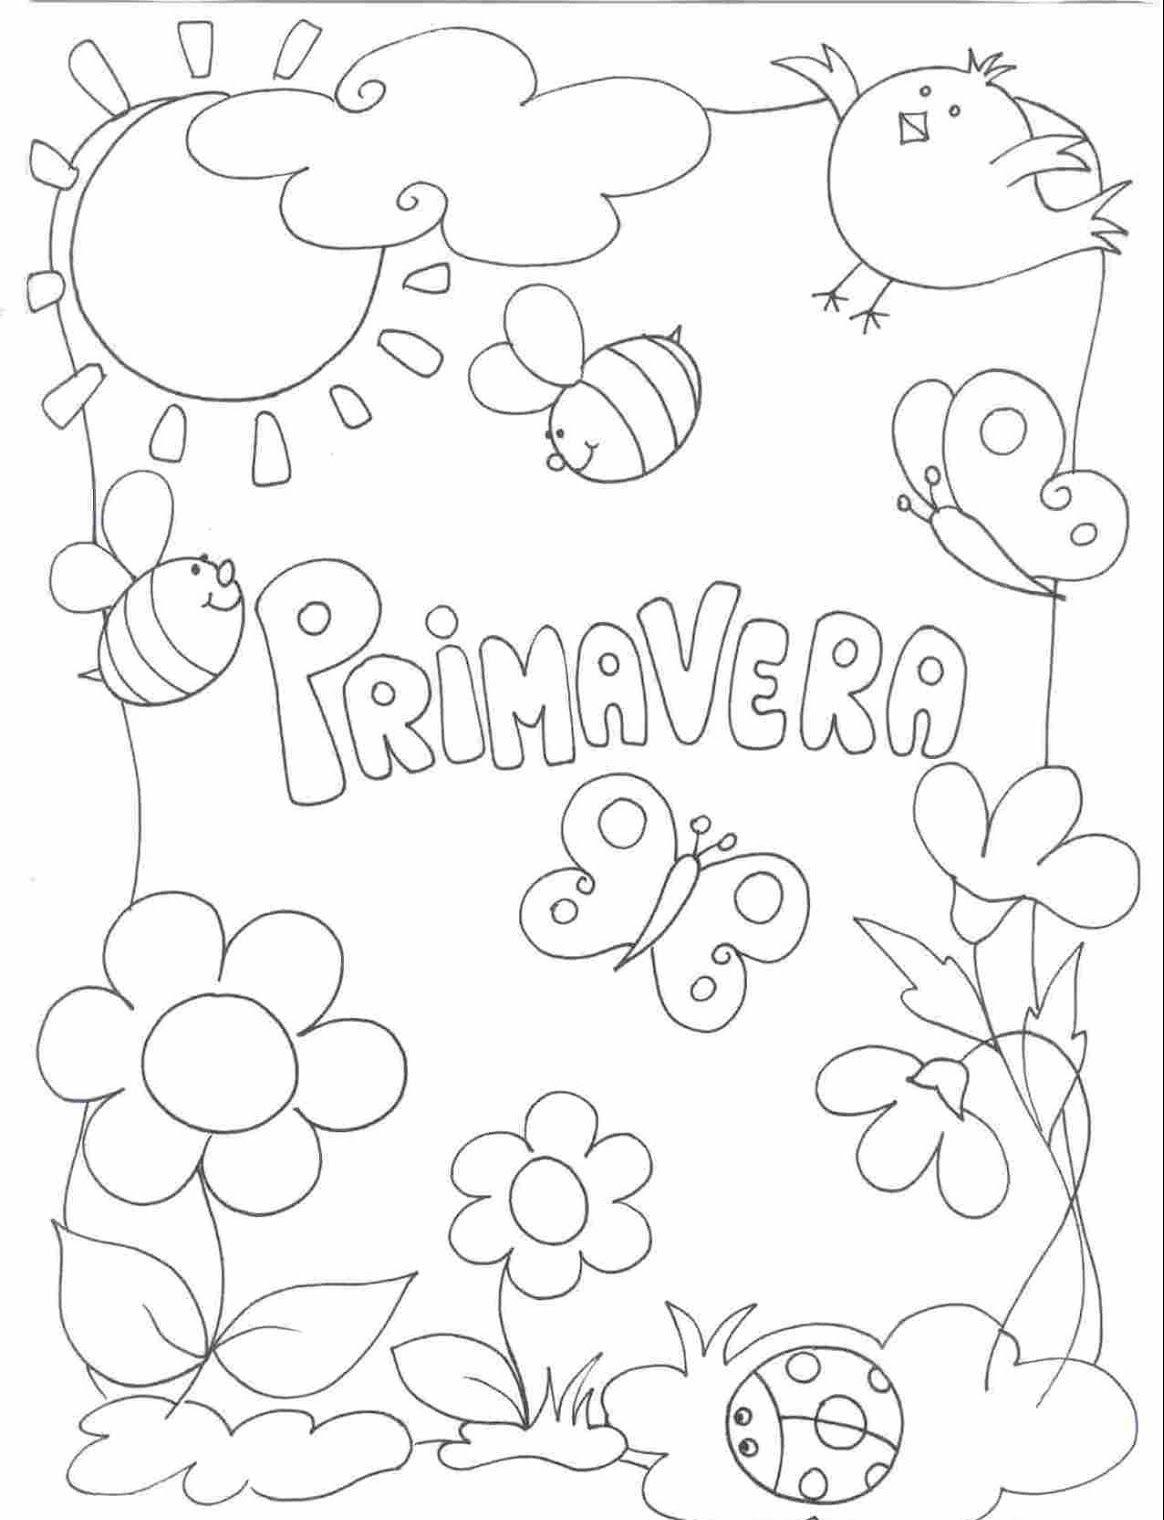 disegni sulla primavera da stampare